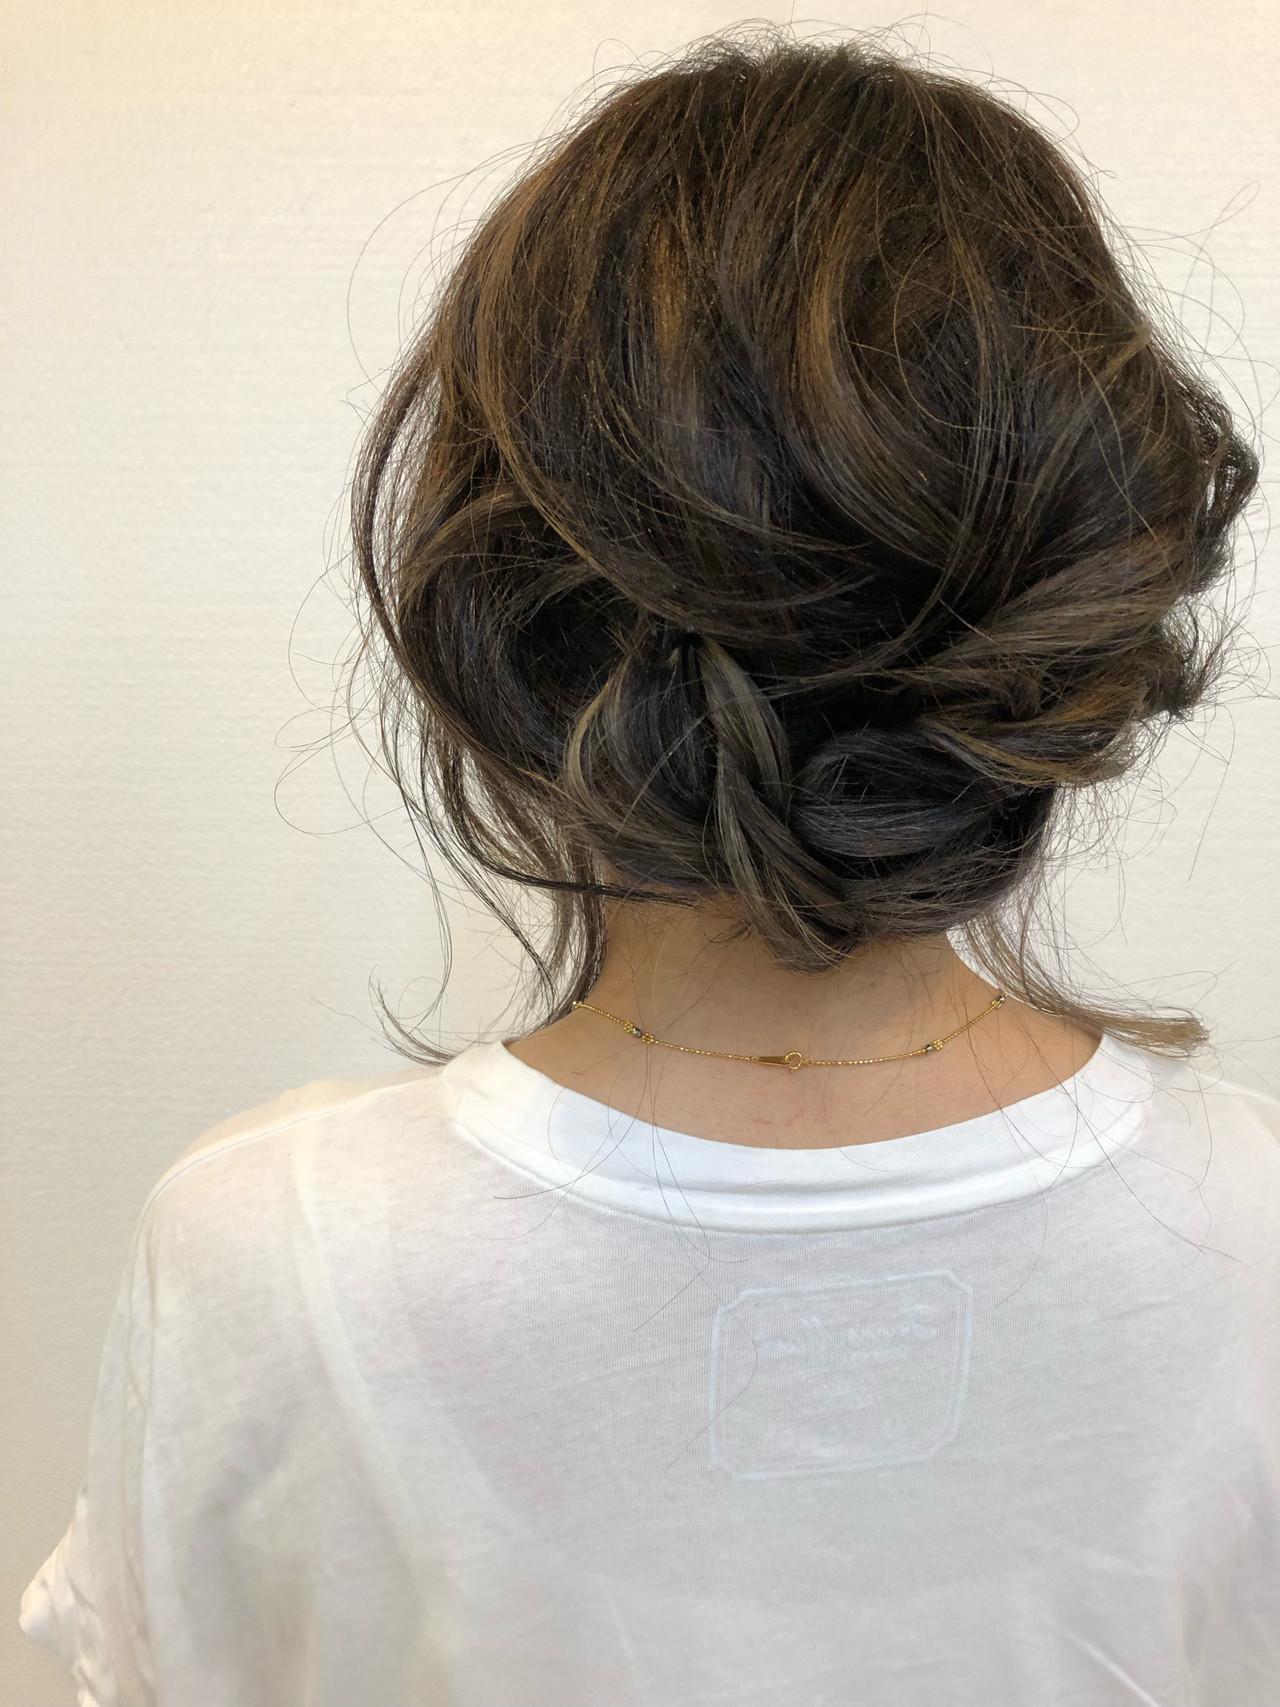 バレイヤージュ ヘアアレンジ 簡単ヘアアレンジ 大人ヘアスタイル ヘアスタイルや髪型の写真・画像 | TMe hair/tomoe chiba / TMe hair川崎小田